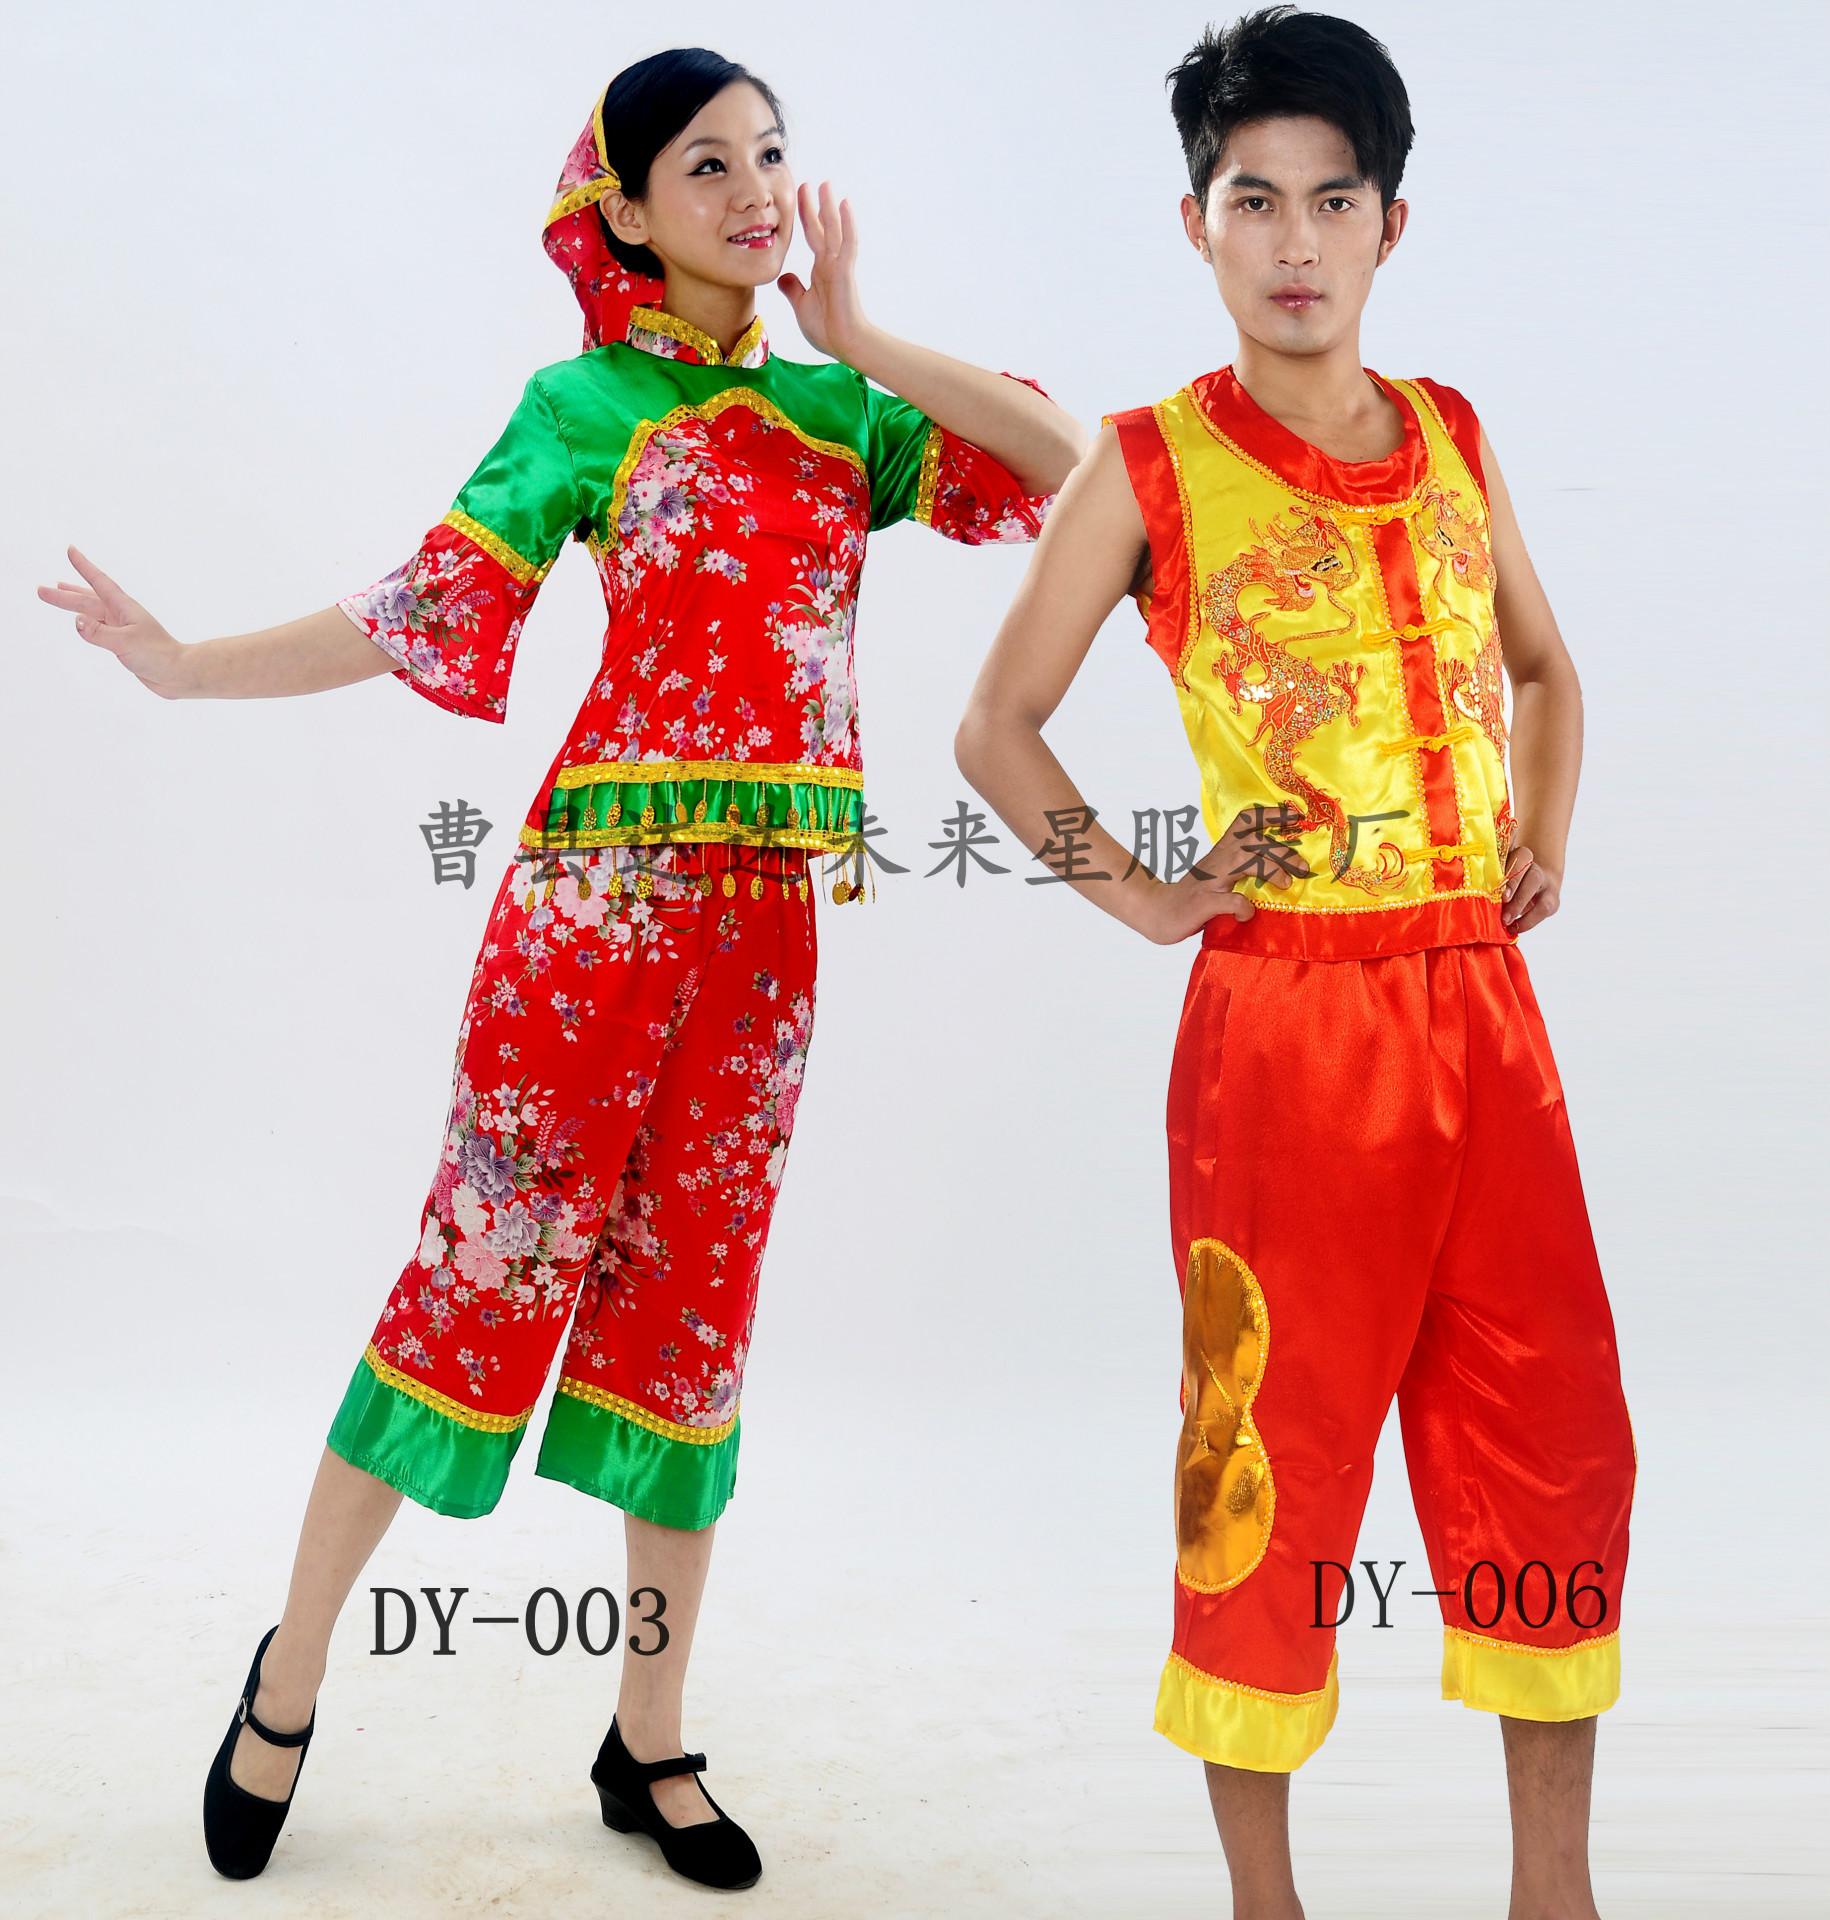 东北二人转表演服装民族舞台演出服装秧歌服采蘑菇小姑娘服装特价